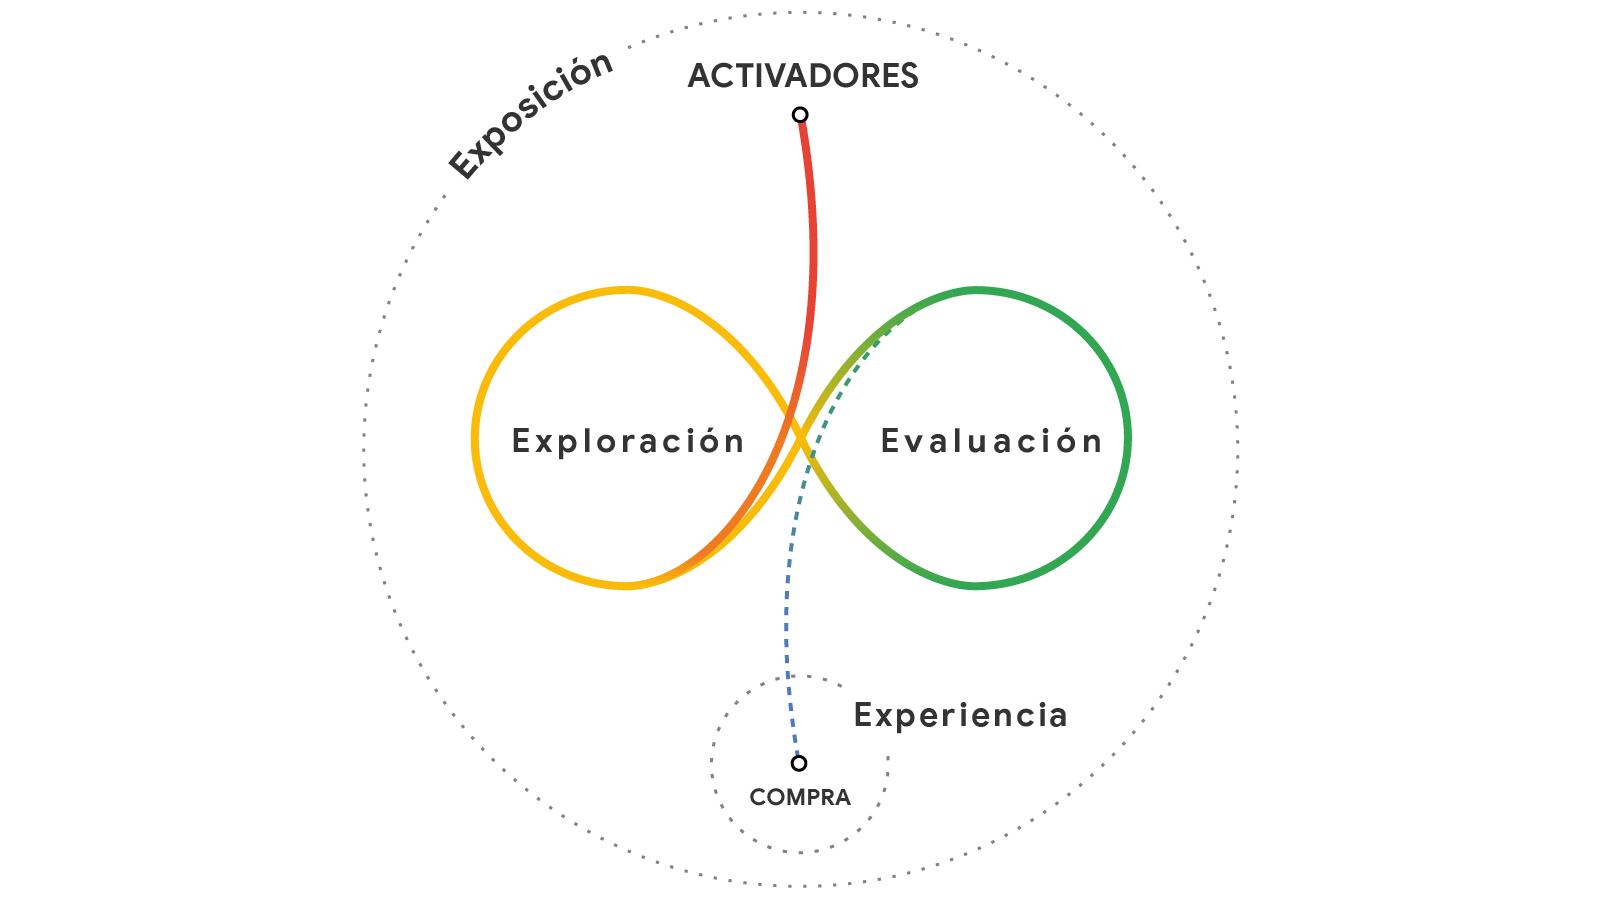 En un círculo denominado Exposición, vemos un punto, Activadores, en la parte superior que se mueve hacia la parte inferior izquierda y, después, hacia la parte superior derecha, creando dos nodos en bucle en forma de infinito: exploración y evaluación. A